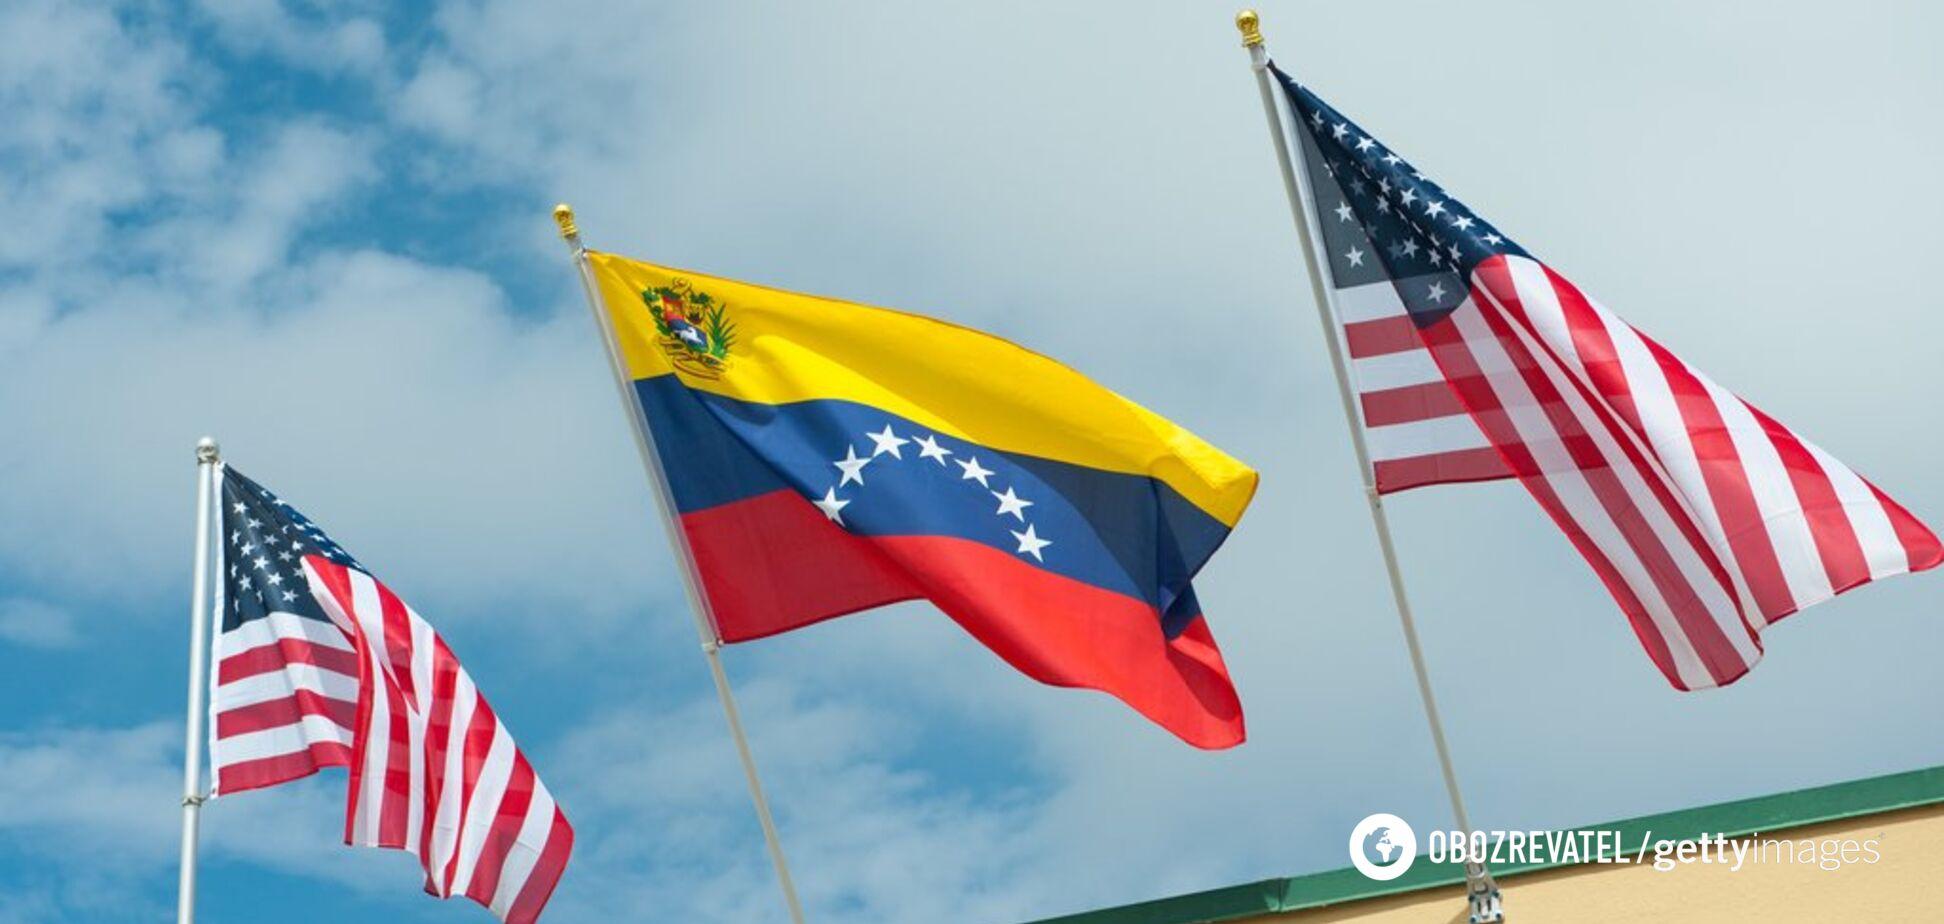 США вдарили санкціями по Венесуелі: що трапилося